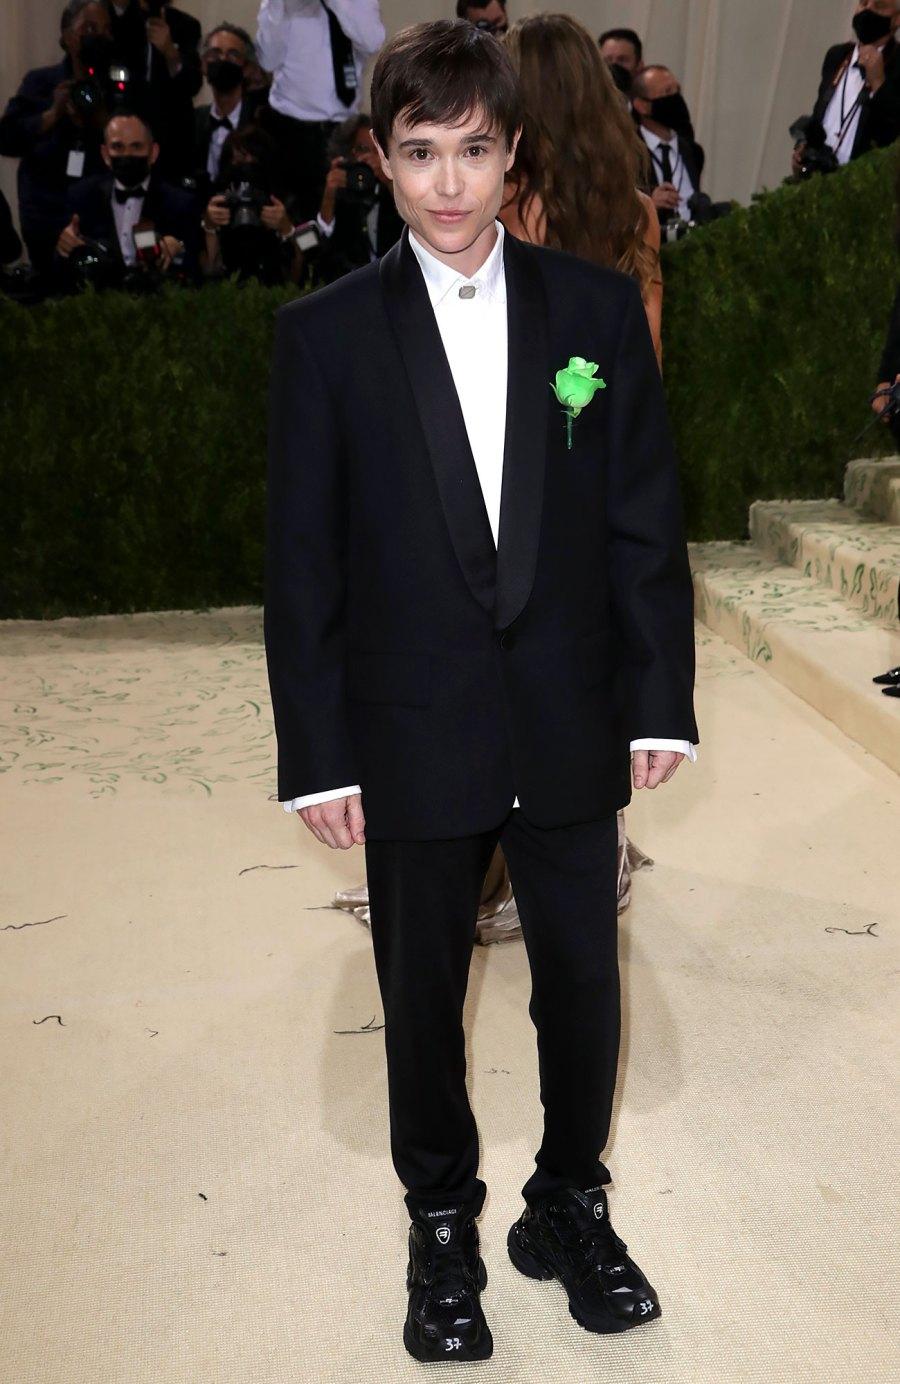 Met Gala 2021 Elliot Page Looks Dapper in All-Black on Met Gala Red Carpet: Photos